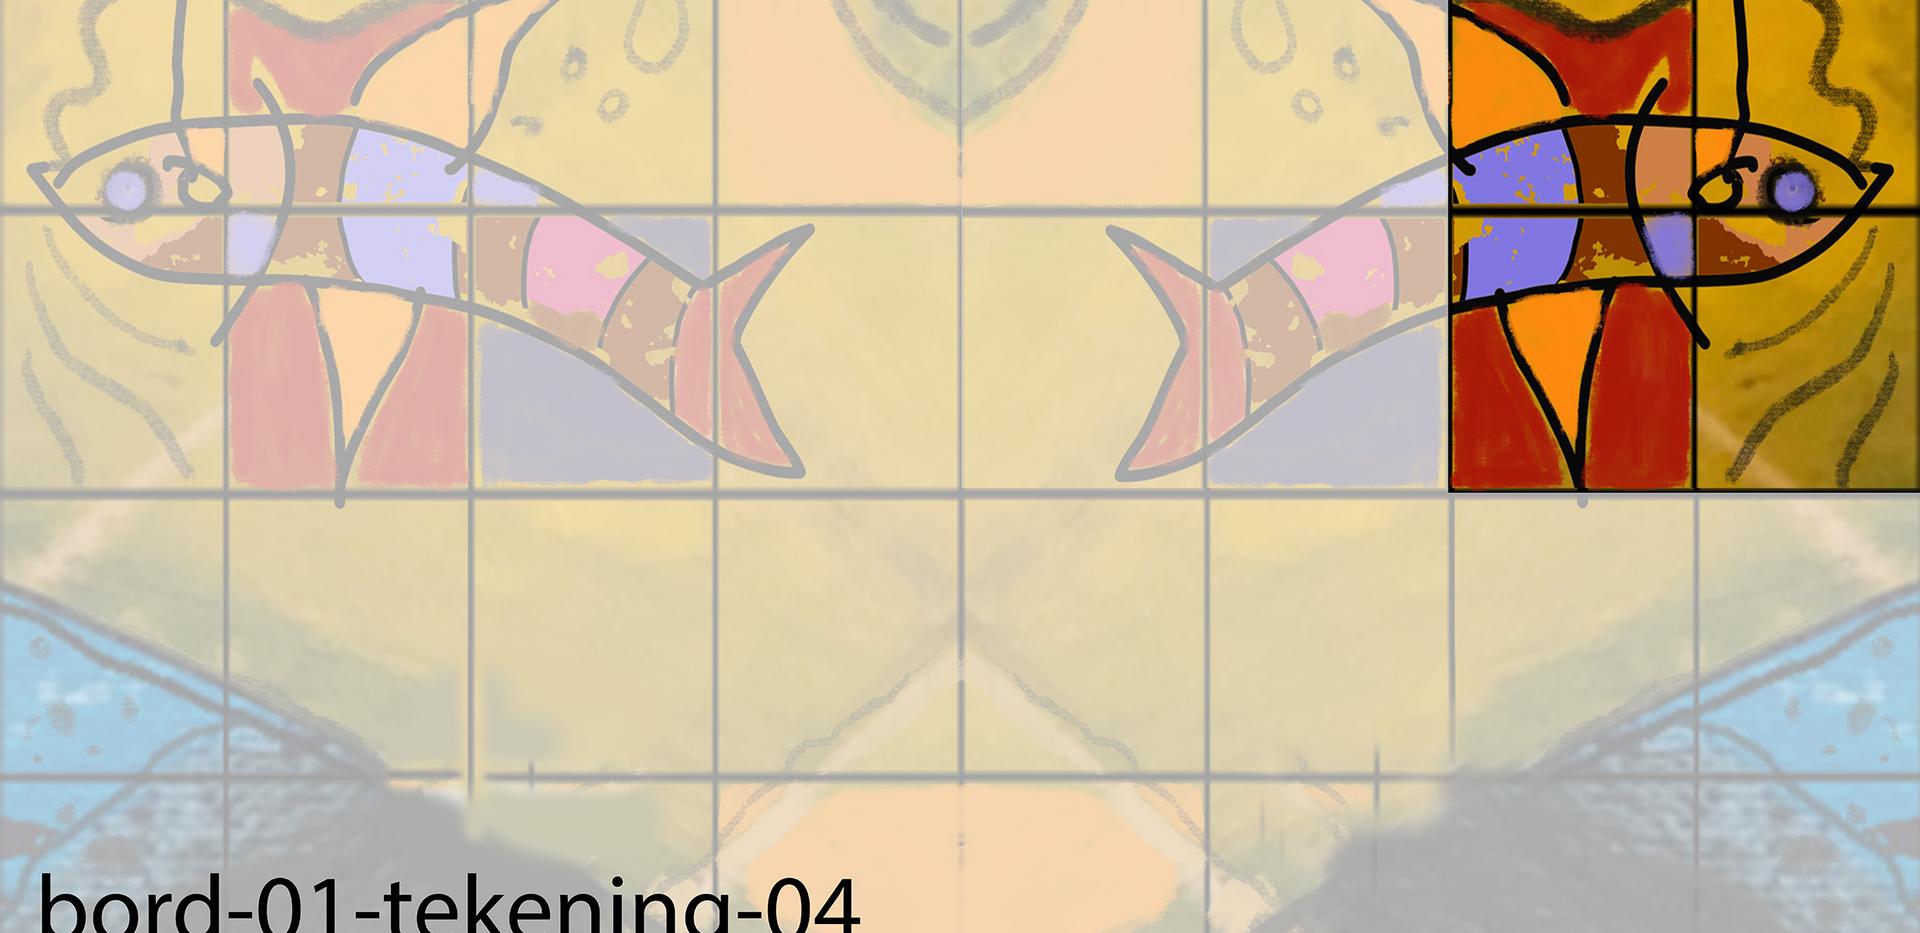 bord-01-tekening-04.png